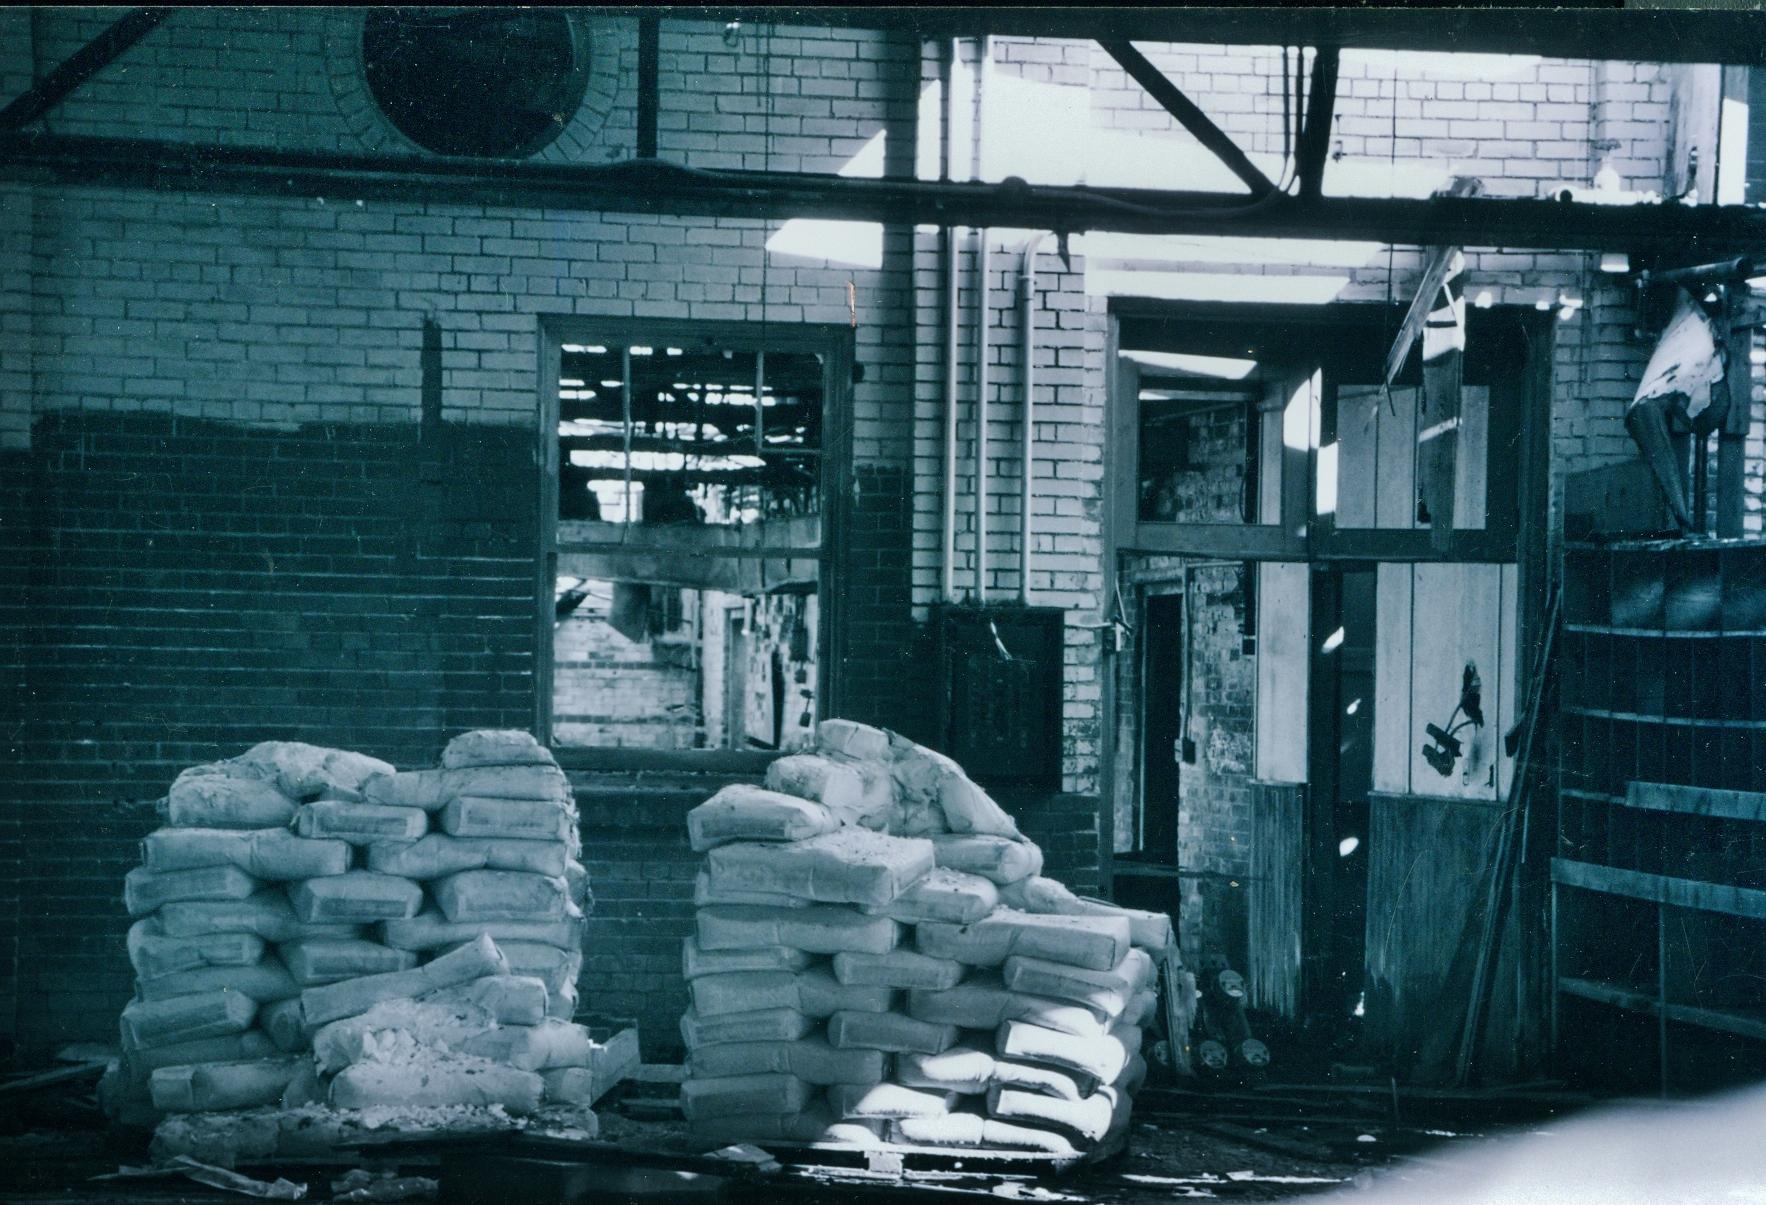 Arsenic storage